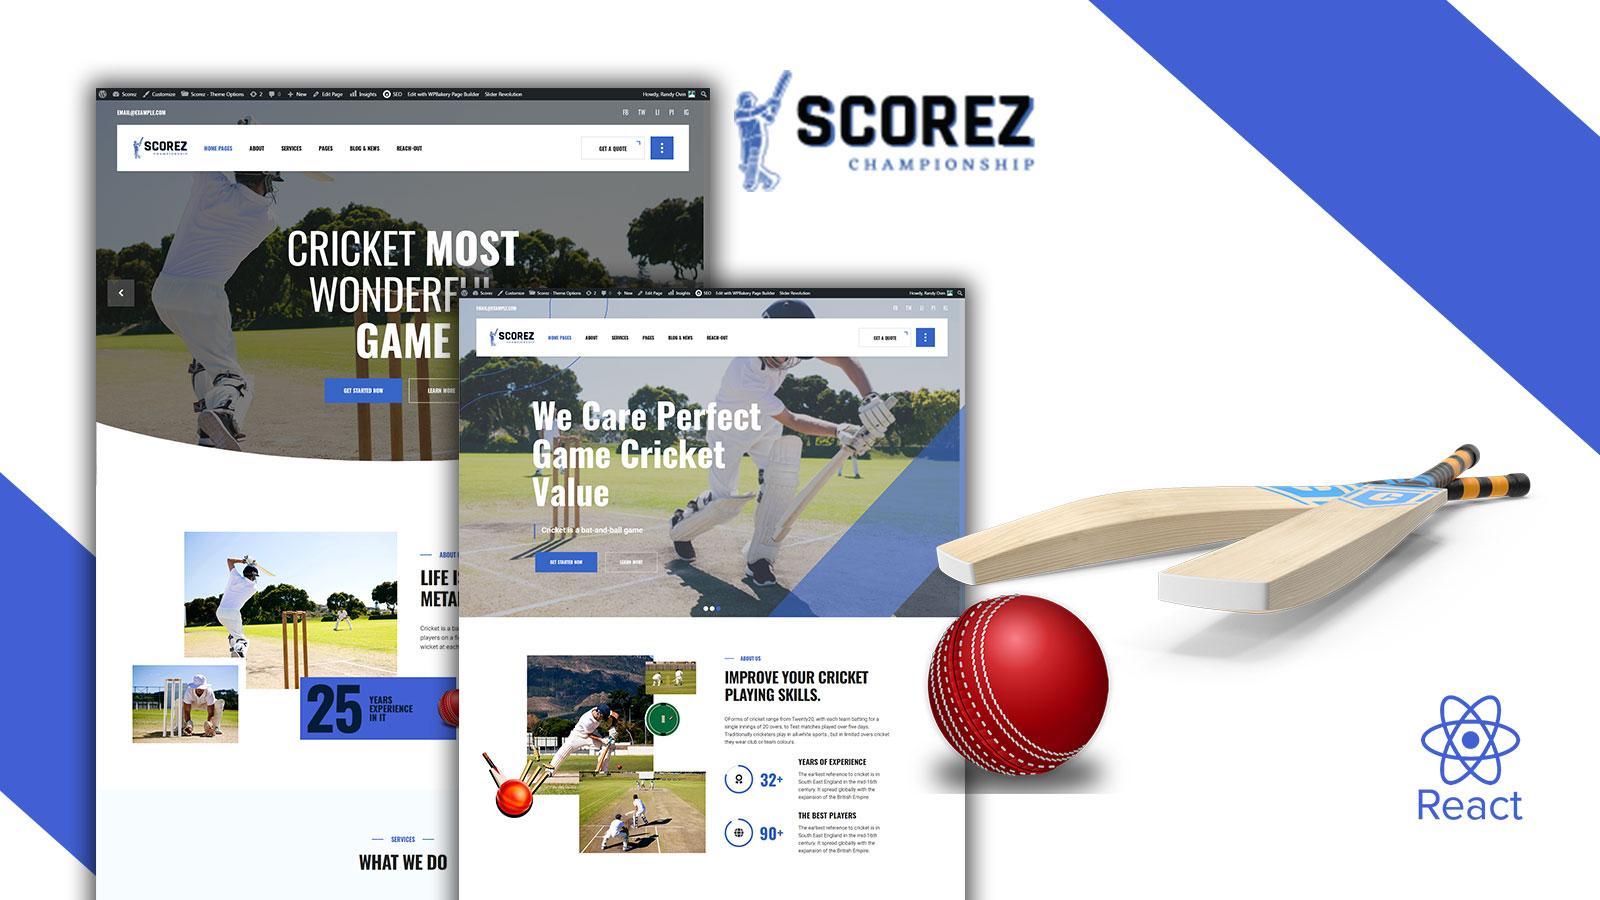 Scorez Ball Sports React Js Website Template